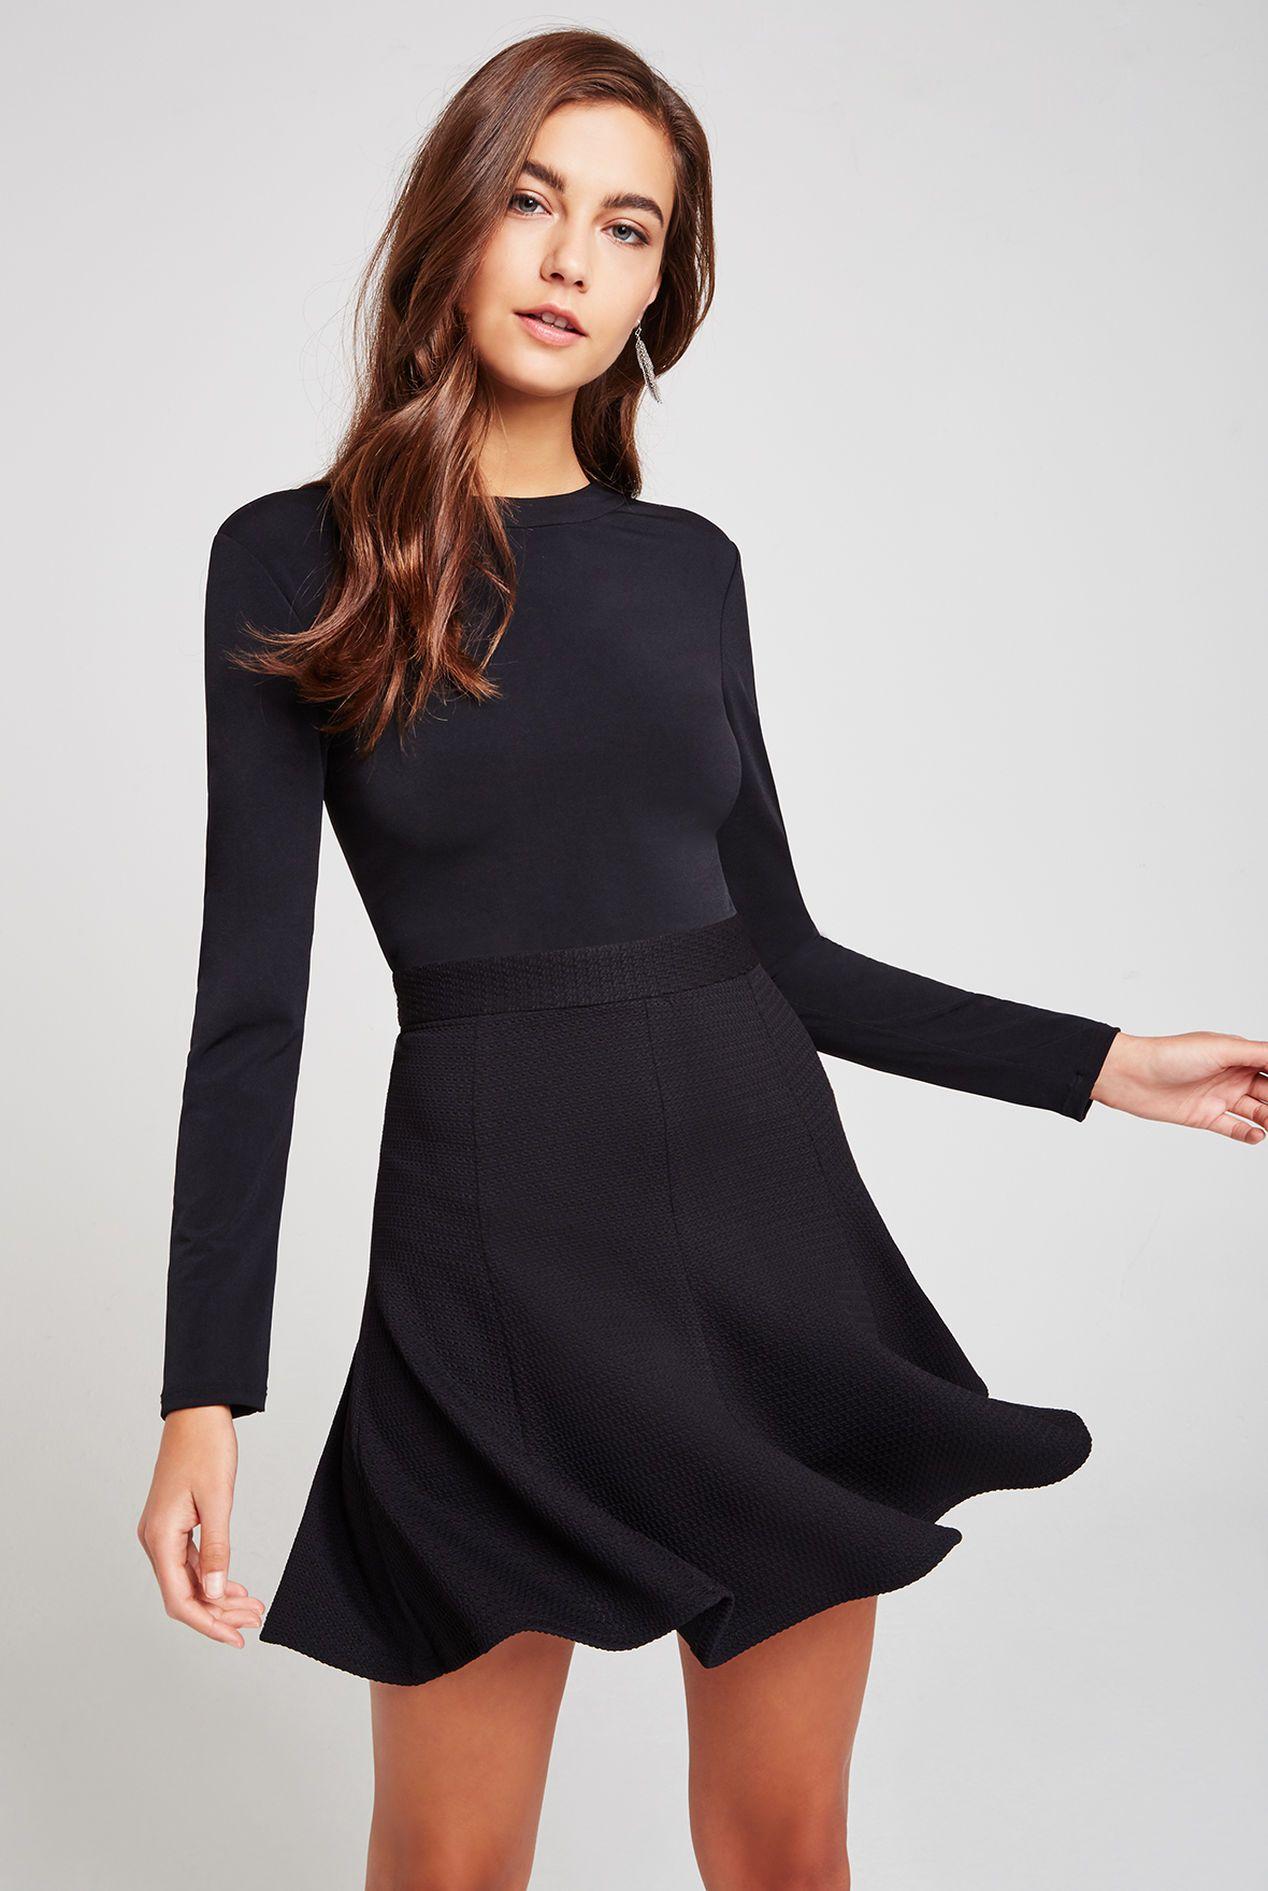 Flare skirt longsleeve dress dresses little black dress